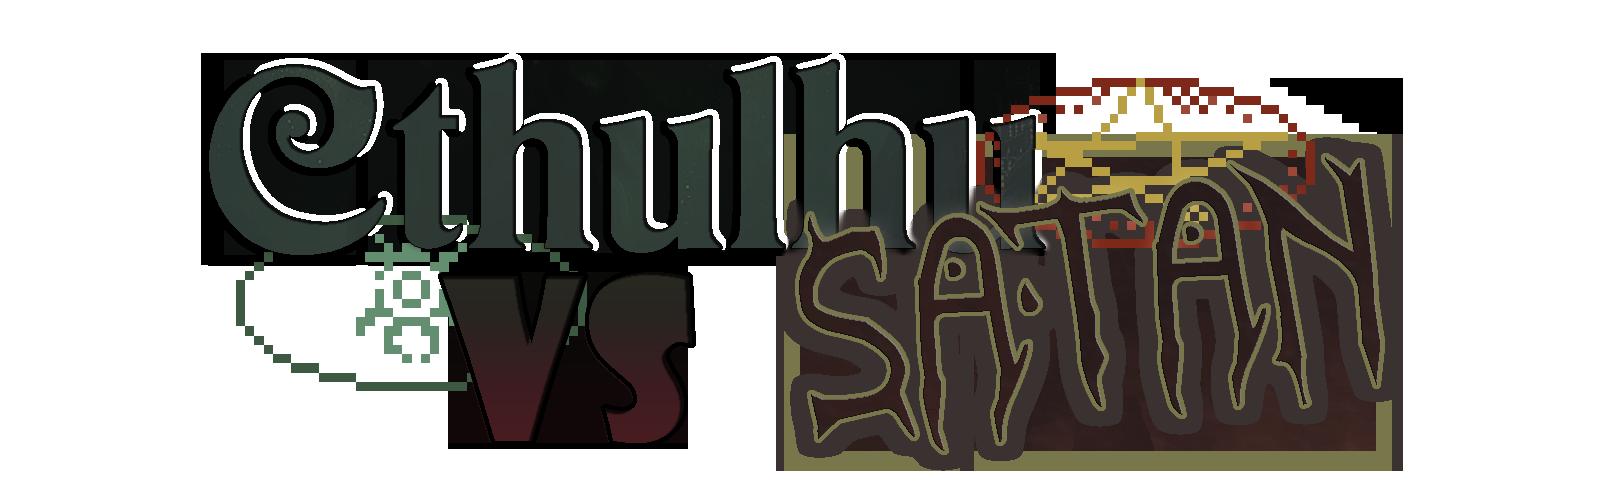 Cthulhu vs Satan